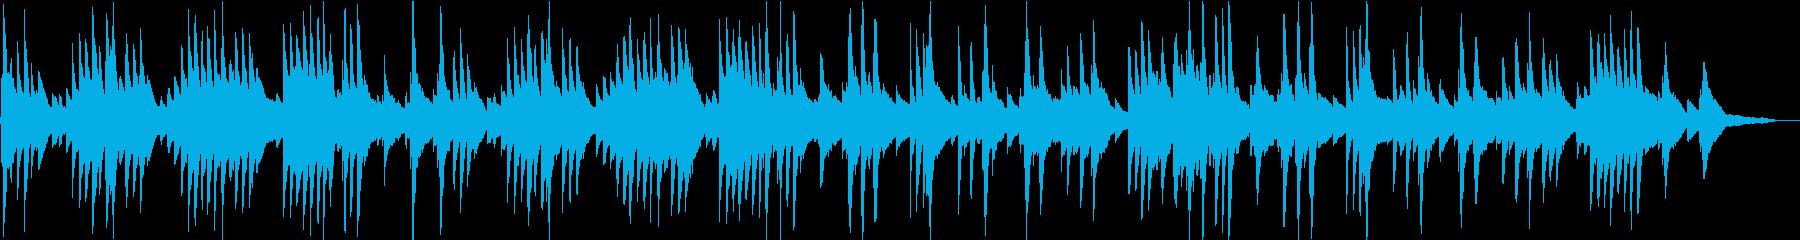 爽やかな気分のリラックスピアノBGMの再生済みの波形